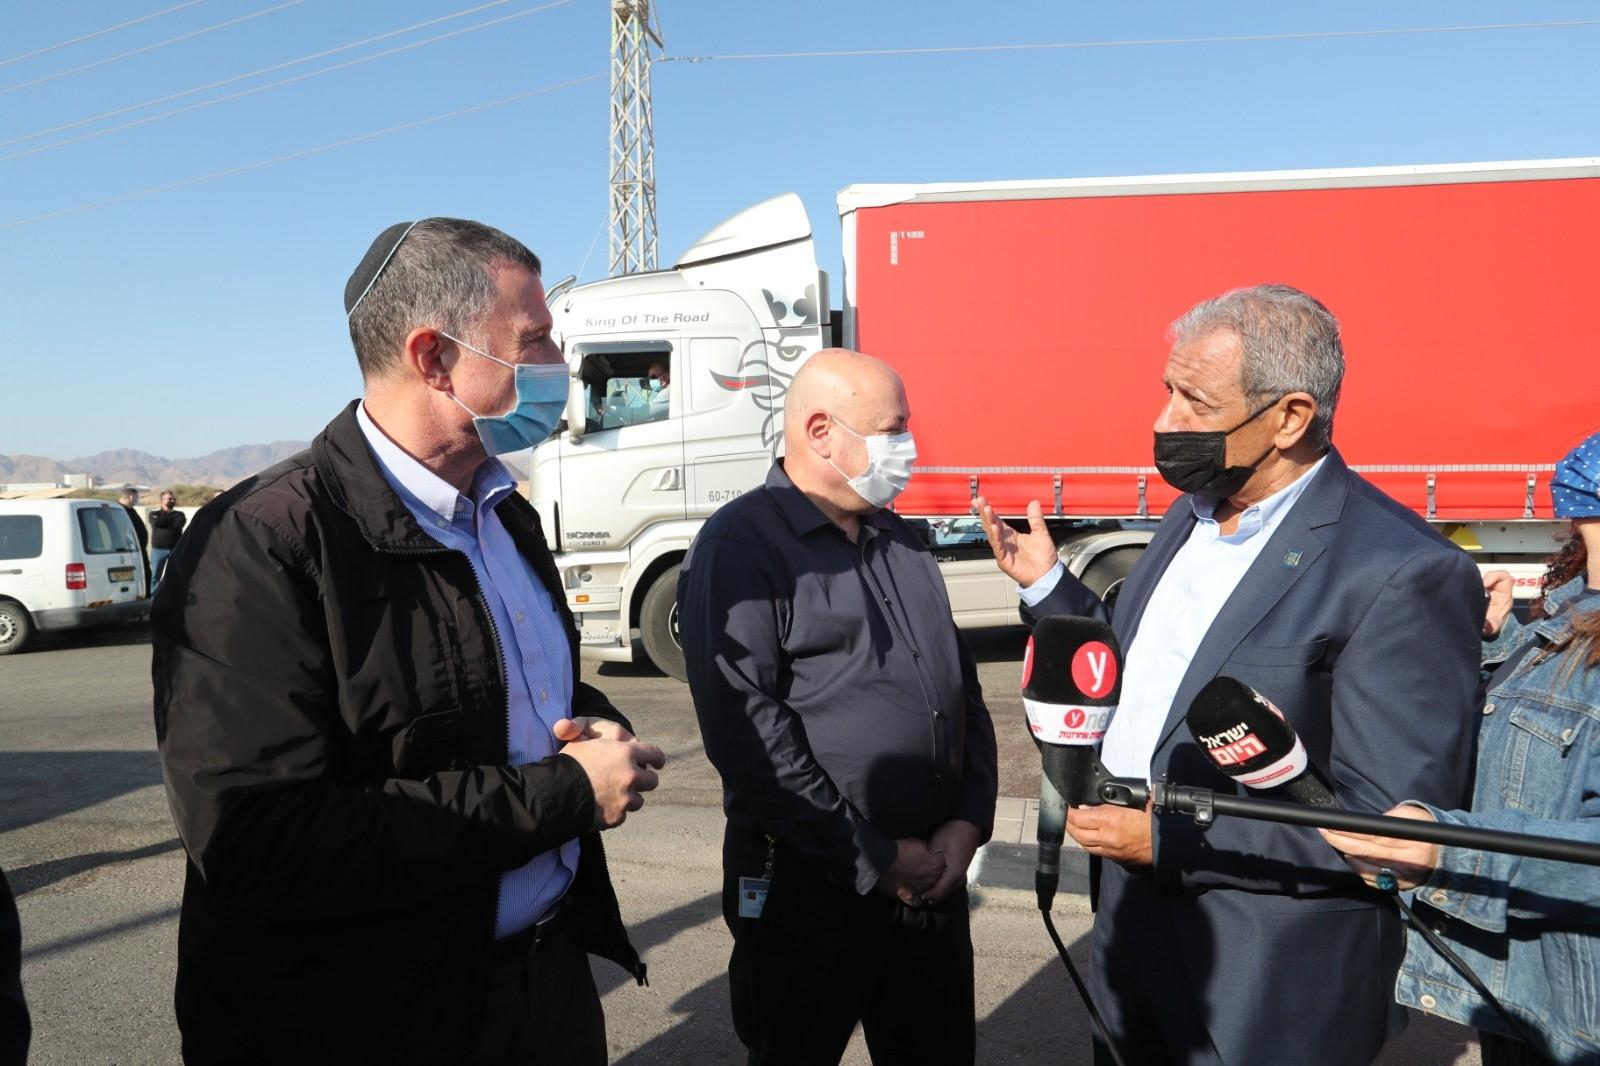 שר הבריאות הגיע לאילת - ממחר בדיקות קורונה בכניסה לאילת